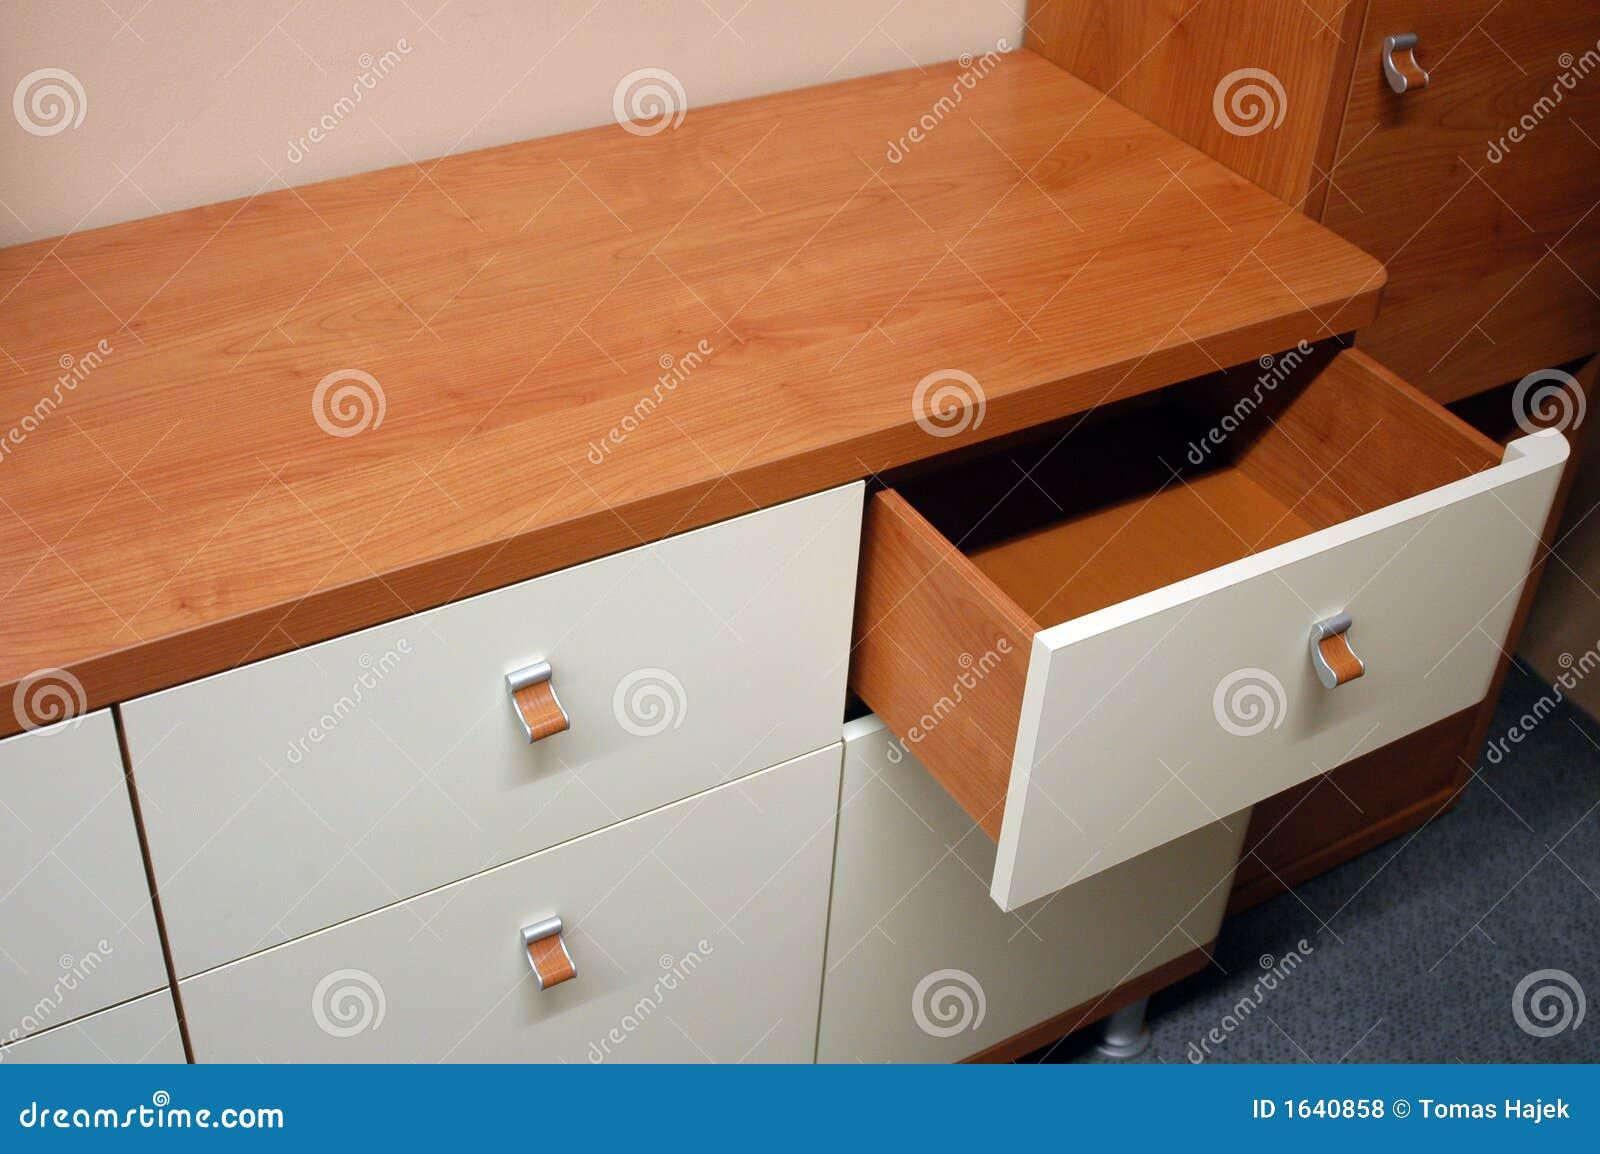 Muebles para la sala de estar foto de archivo imagen de for Muebles industriales sala de estar